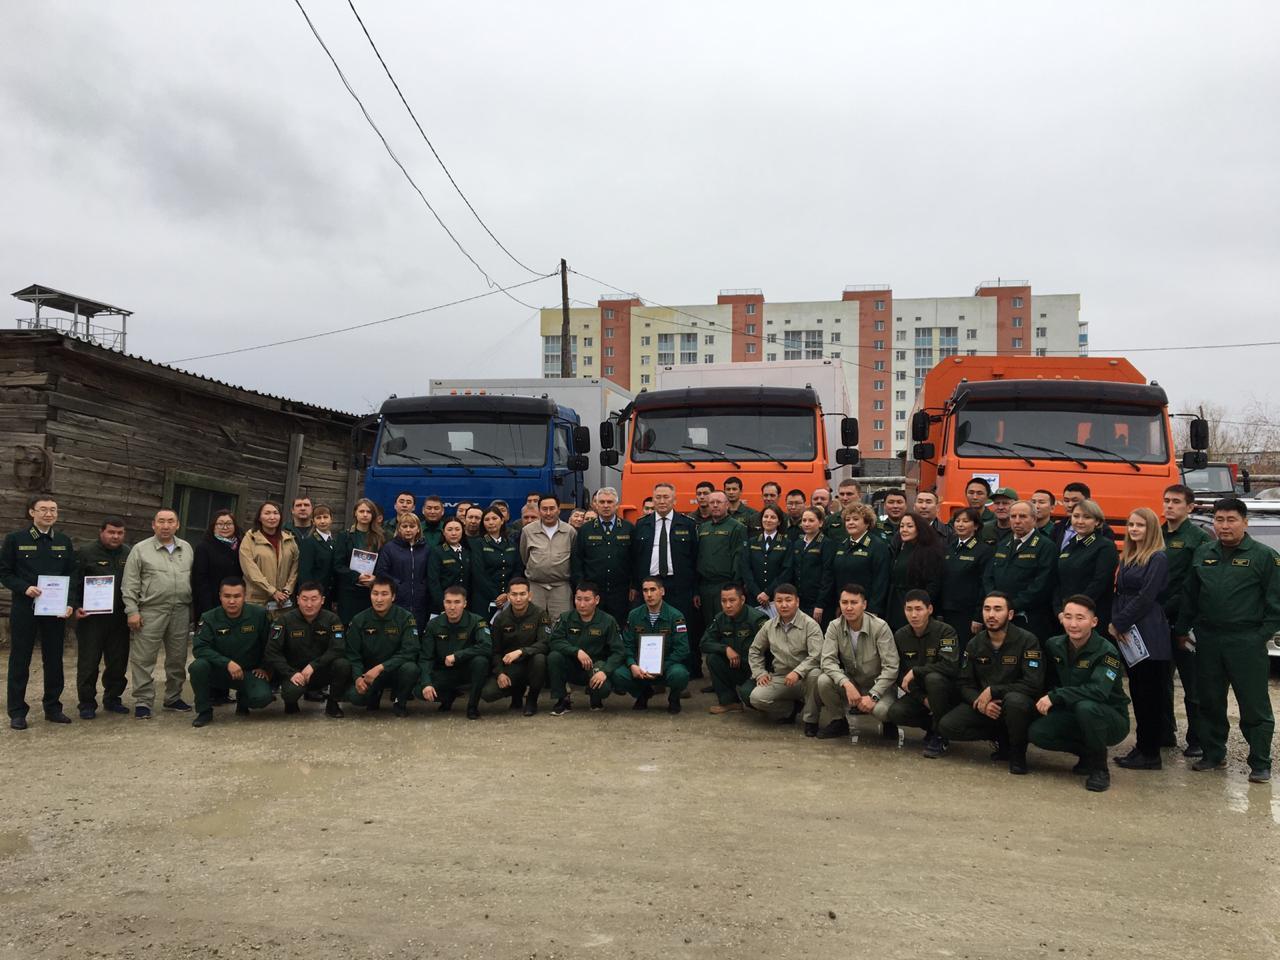 Сахамин Афанасьев поздравил личный состав Авиалесоохраны и Якутлесресурса с завершением пожароопасного сезона